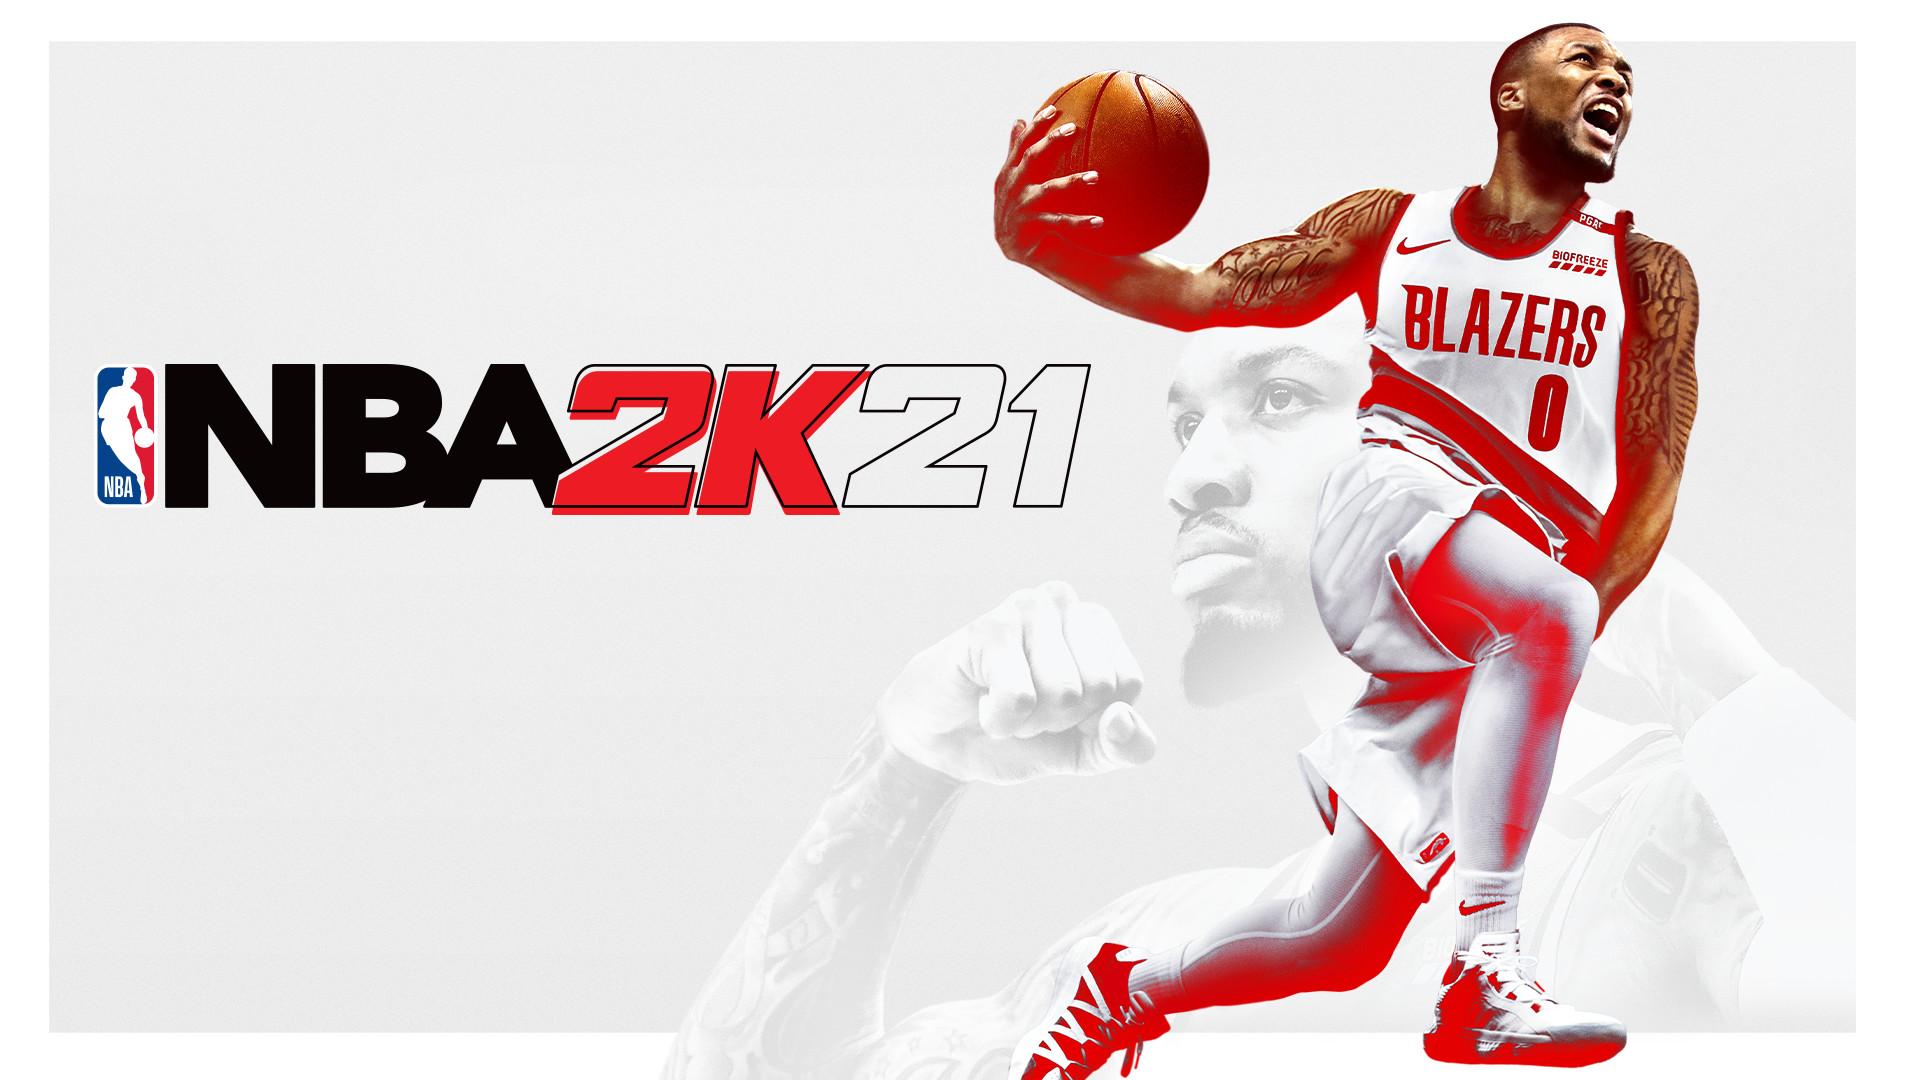 بازی NBA 2K21 بیش از ۱۲۰ گیگابایت از حافظه ایکس باکس سری ایکس و اس را اشغال میکند